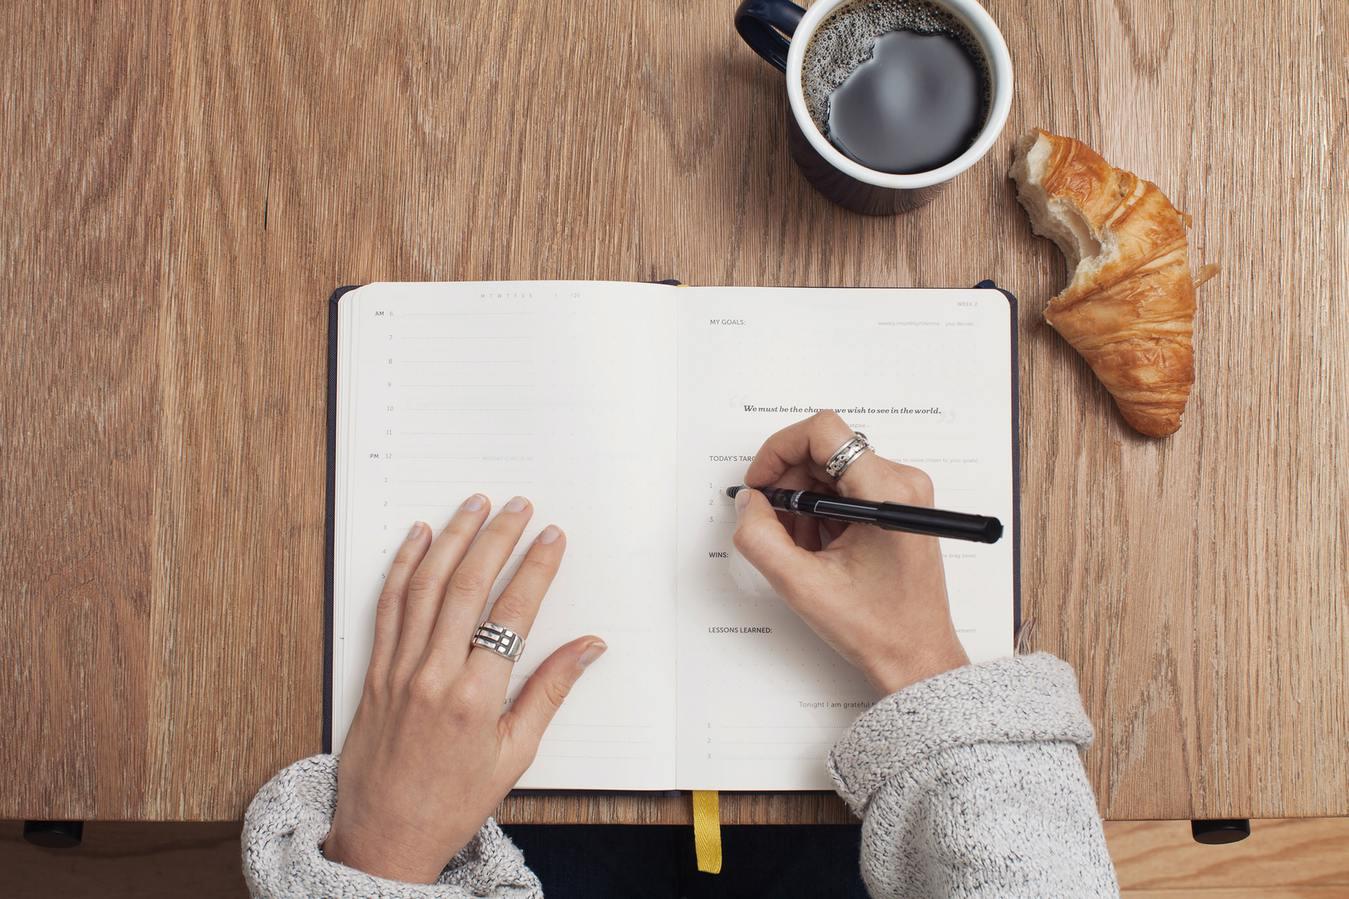 Persona escribiendo un diario con un café y pastelería